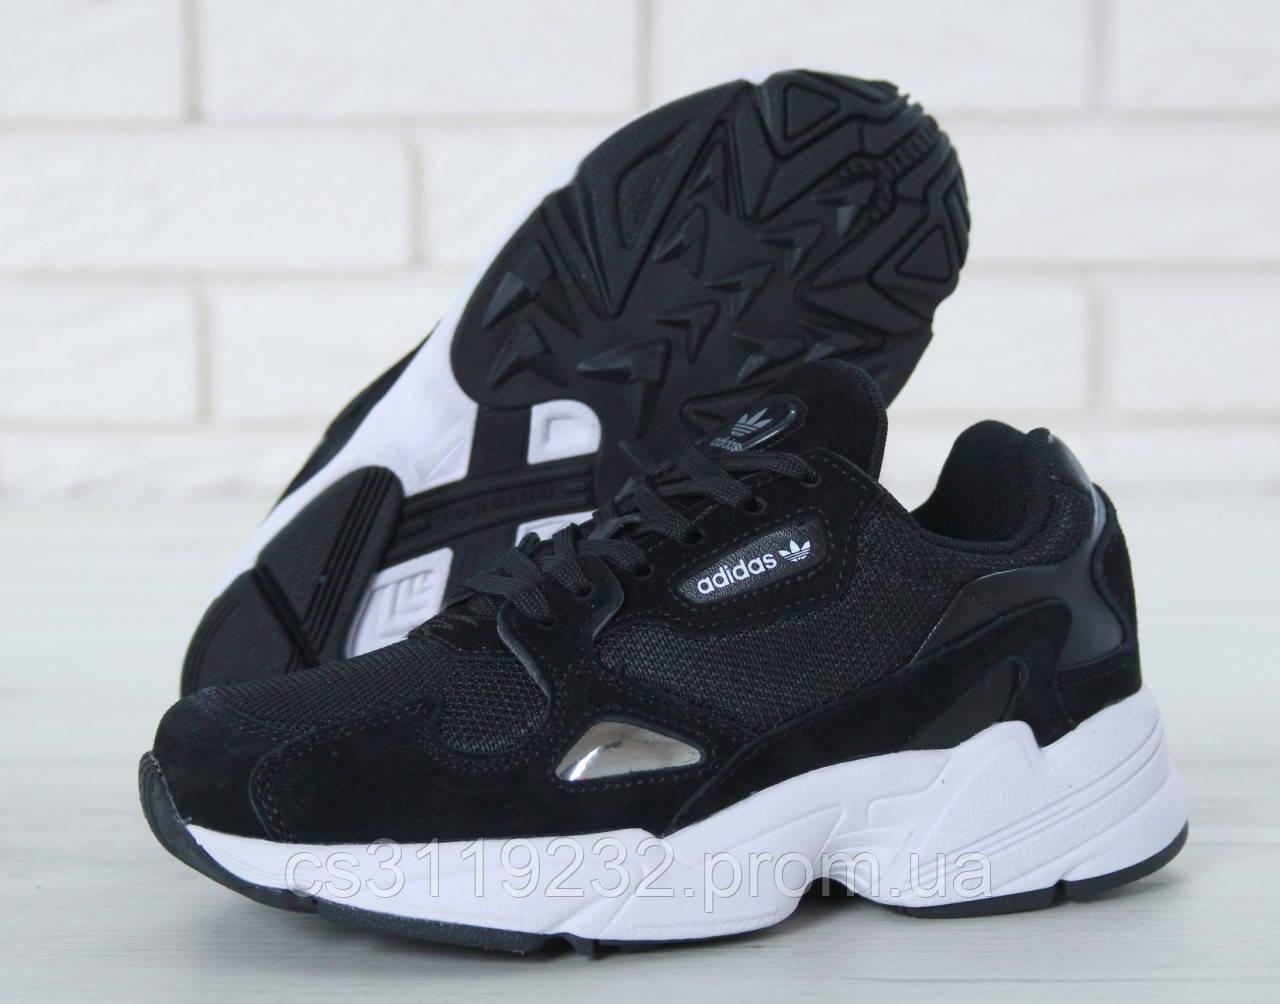 Женские кроссовки Adidas Falcon (черные)